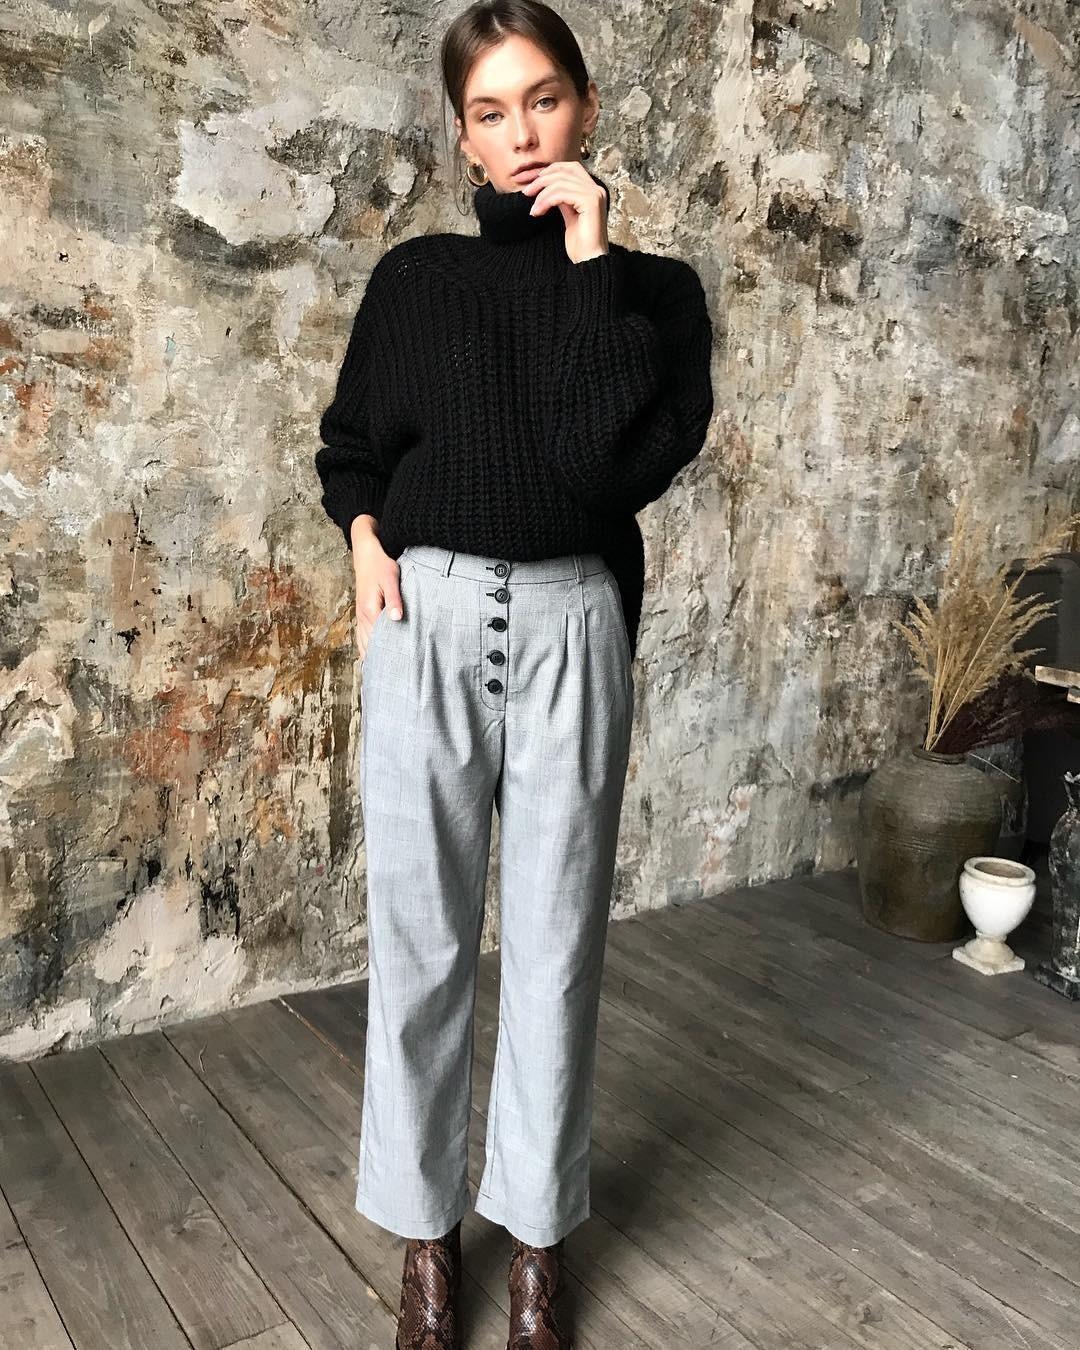 К классике относится нетолько маленькое черное платье, но ибольшой черный джемпер сгорлом. Этот универсальный элемент гардероба идеально сочетается скаждой вещью втвоем шкафу. Носи е...